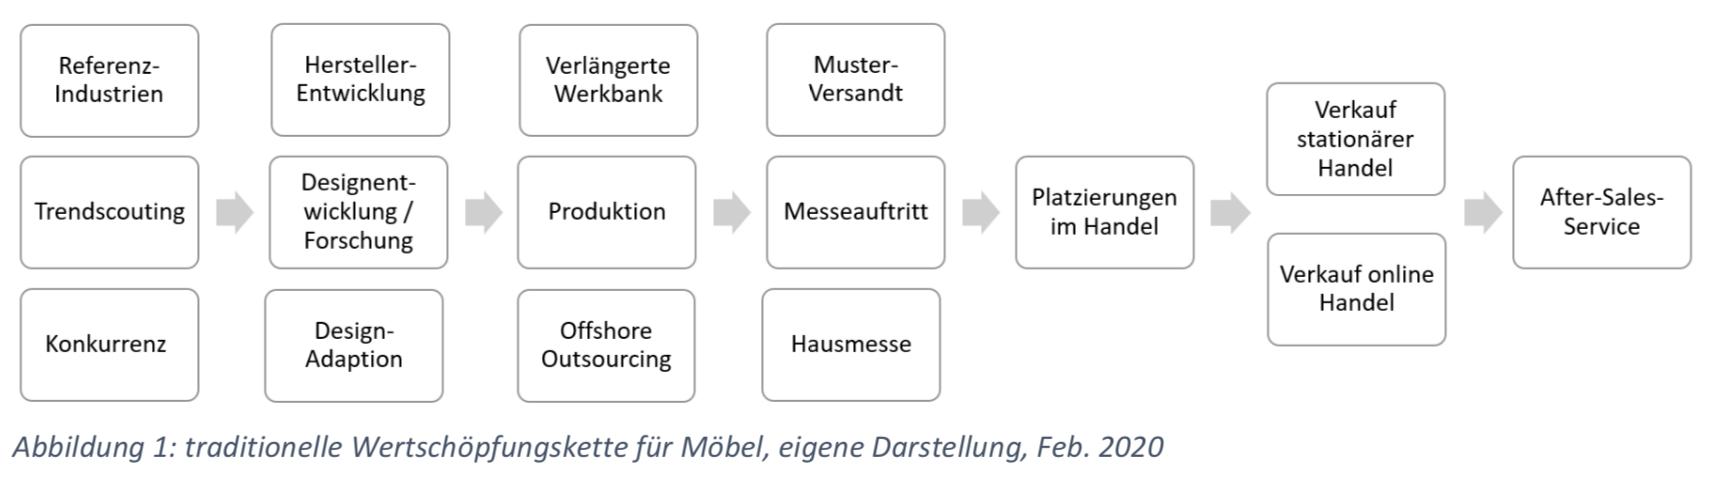 traditionelle Wertschöpfungskette für Möbel, eigene Darstellung, Feb. 2020